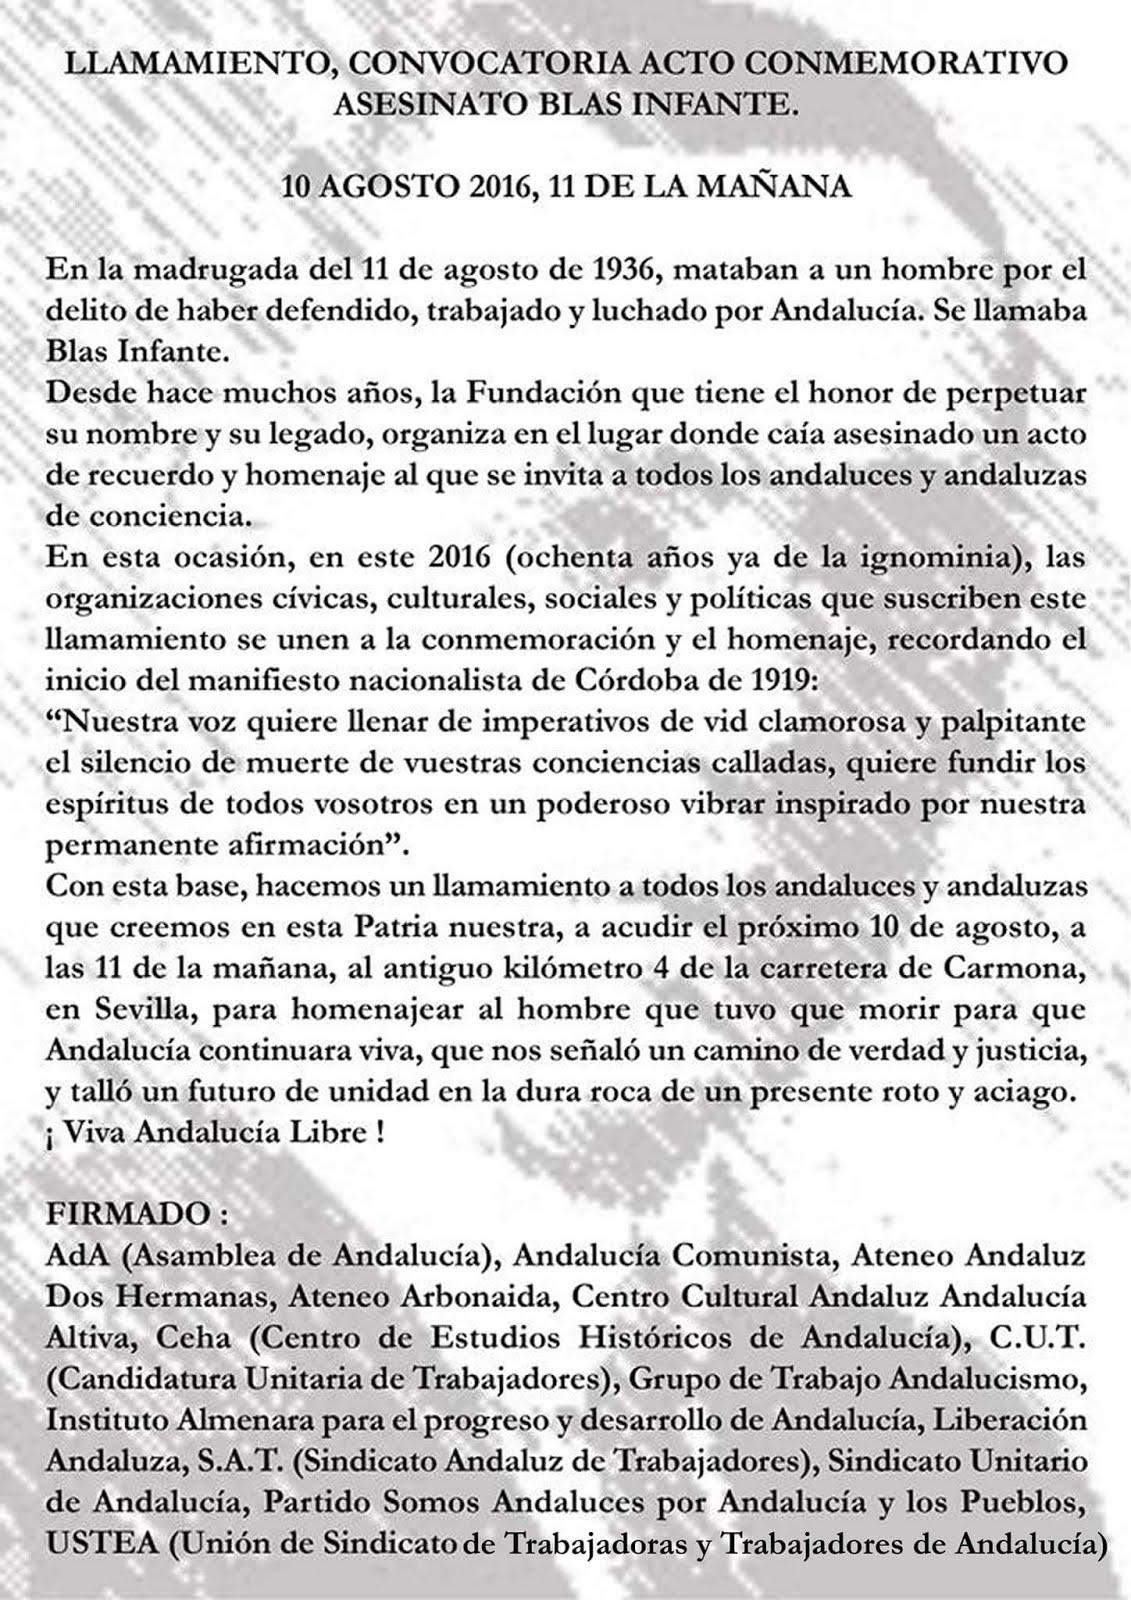 Llamamiento Acto Conmemorativo Asesinato Blas Infante. 10 de agosto 2016, 11 de la mañana.